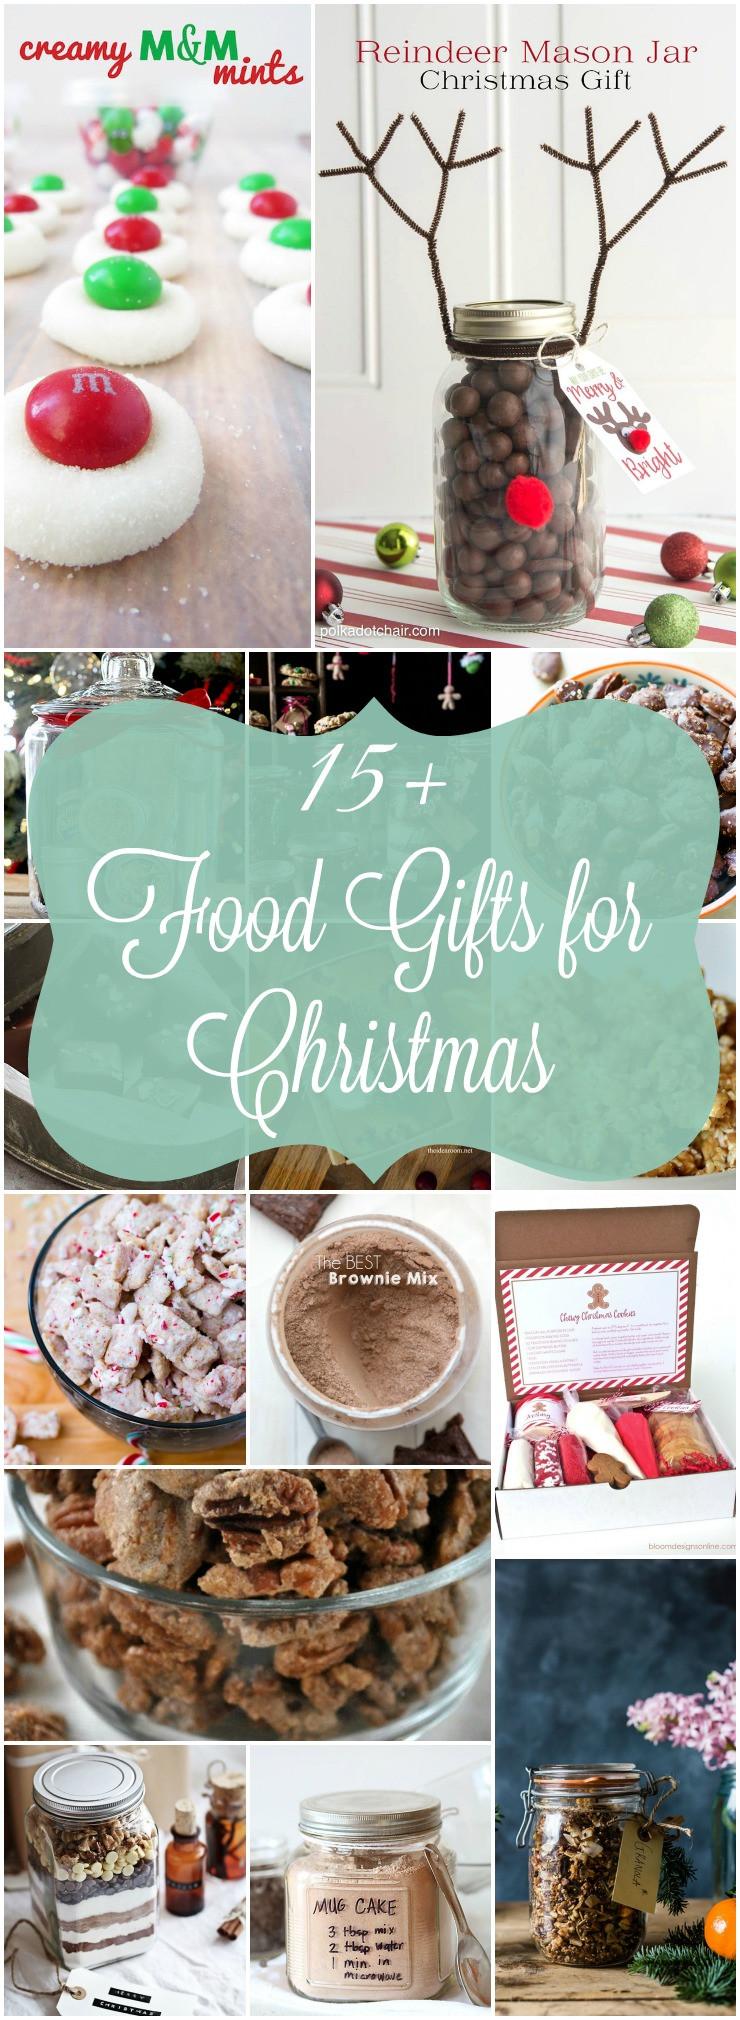 Homemade Christmas Food Gifts  Homemade Food Gifts for Christmas